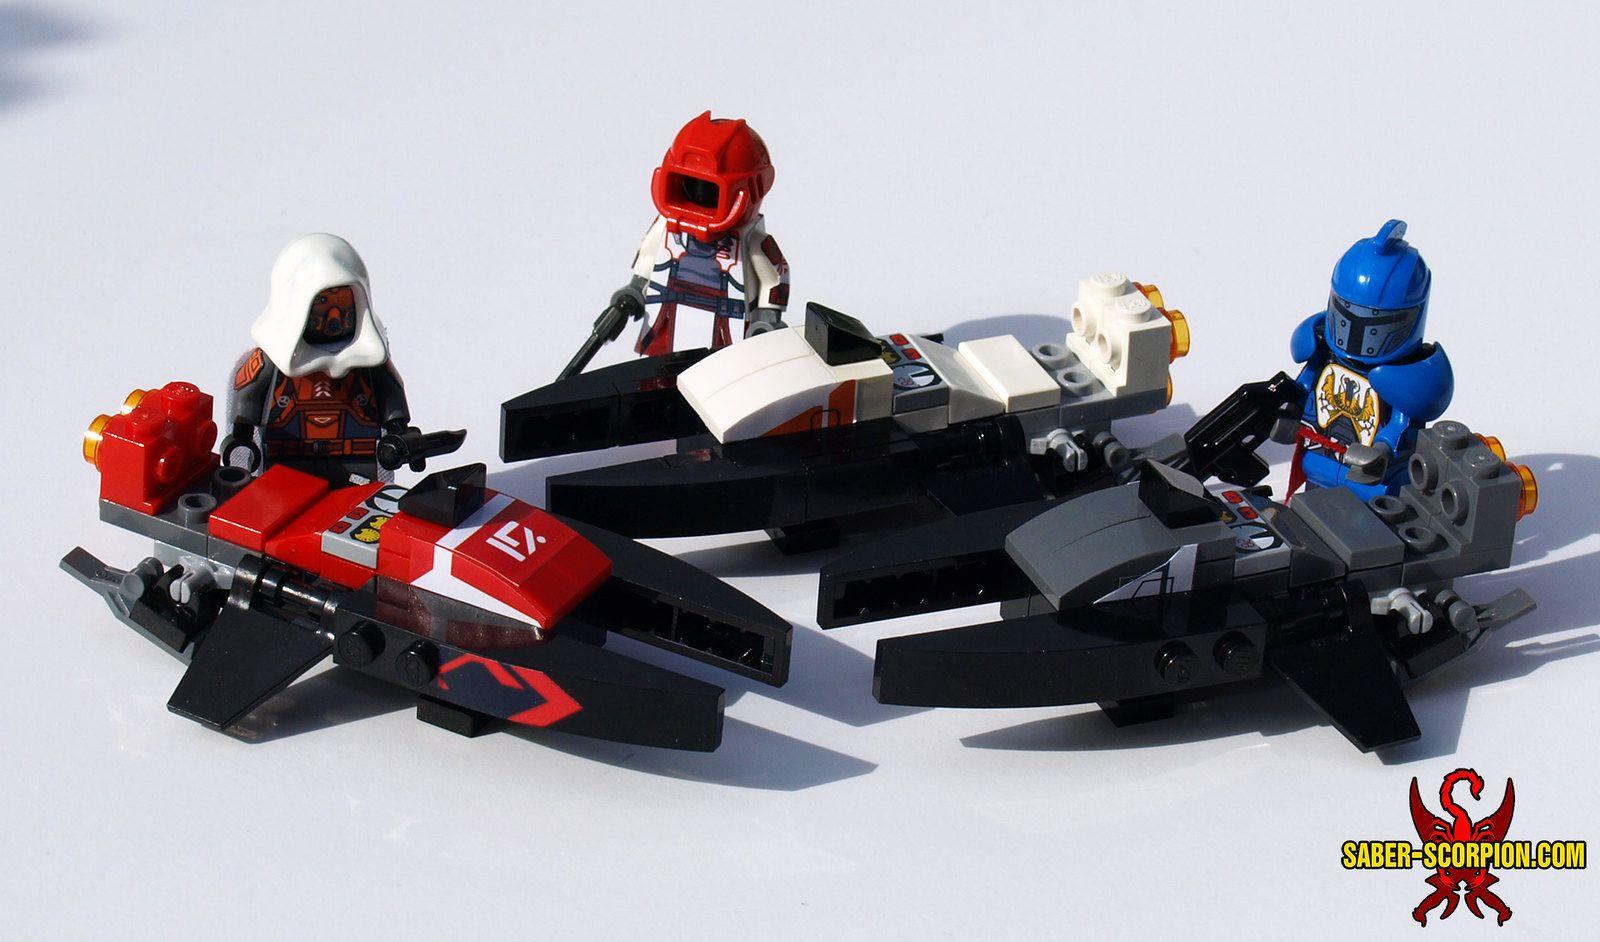 Preparing for Patrol Lego, Minifig, Lego space